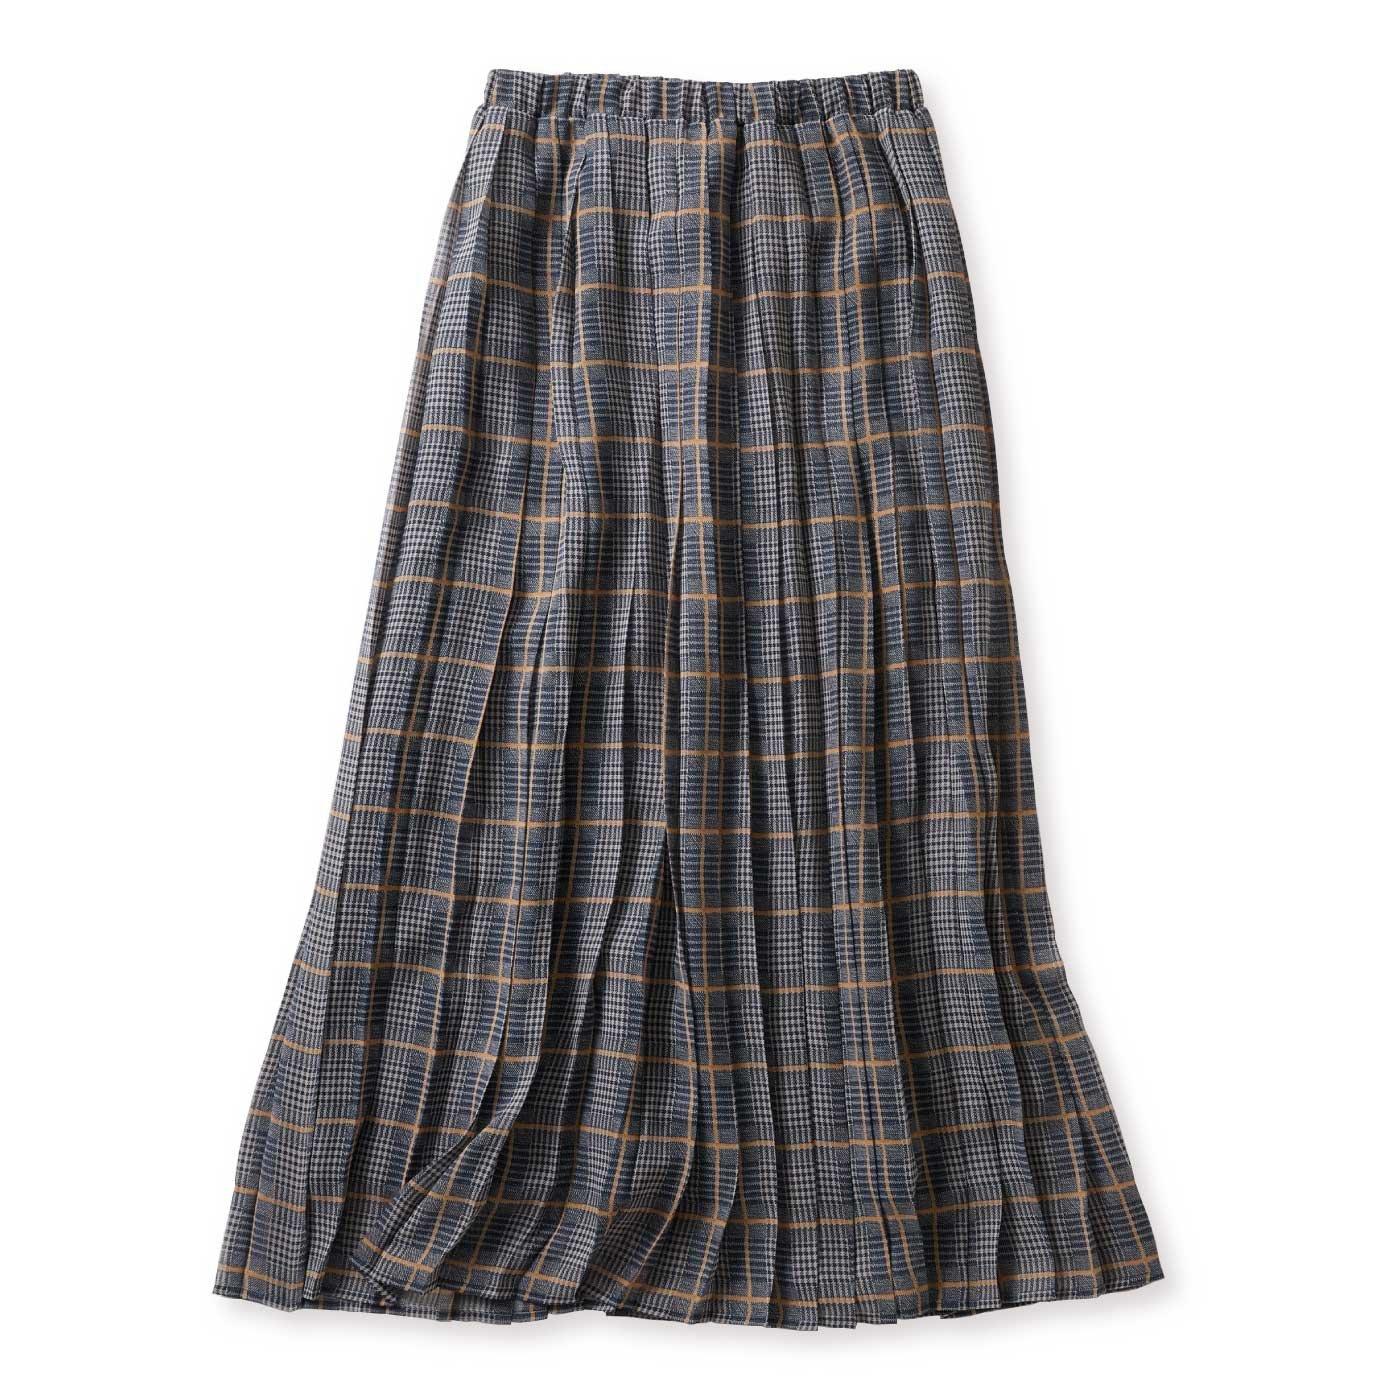 【WEB限定】IEDIT[イディット] シフォンが軽やかなチェック柄プリーツマキシスカート〈グレー〉